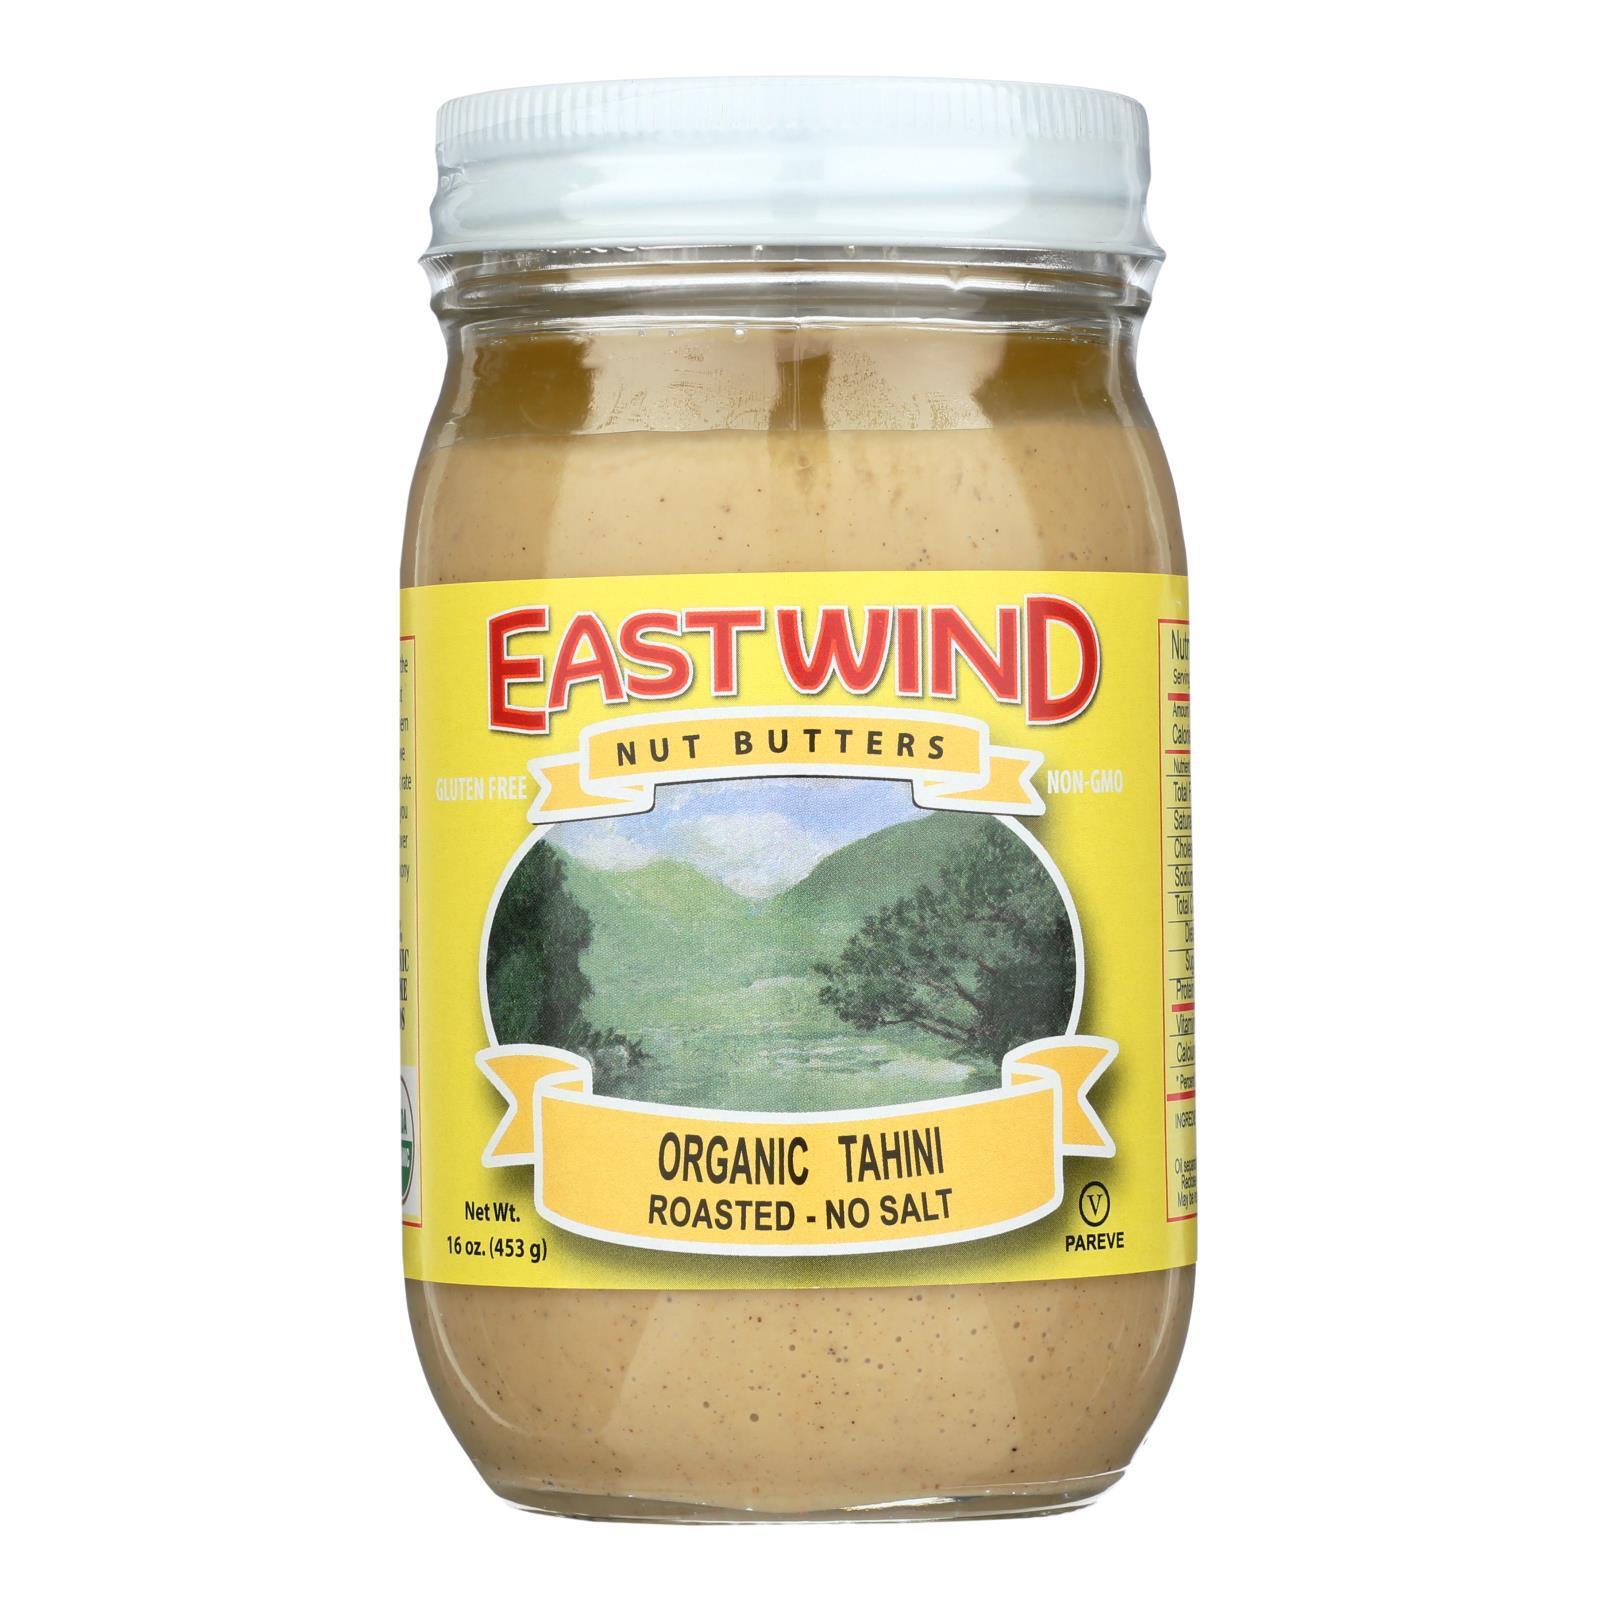 East Wind 100% Organic Roasted No Salt Tahini - 16 oz